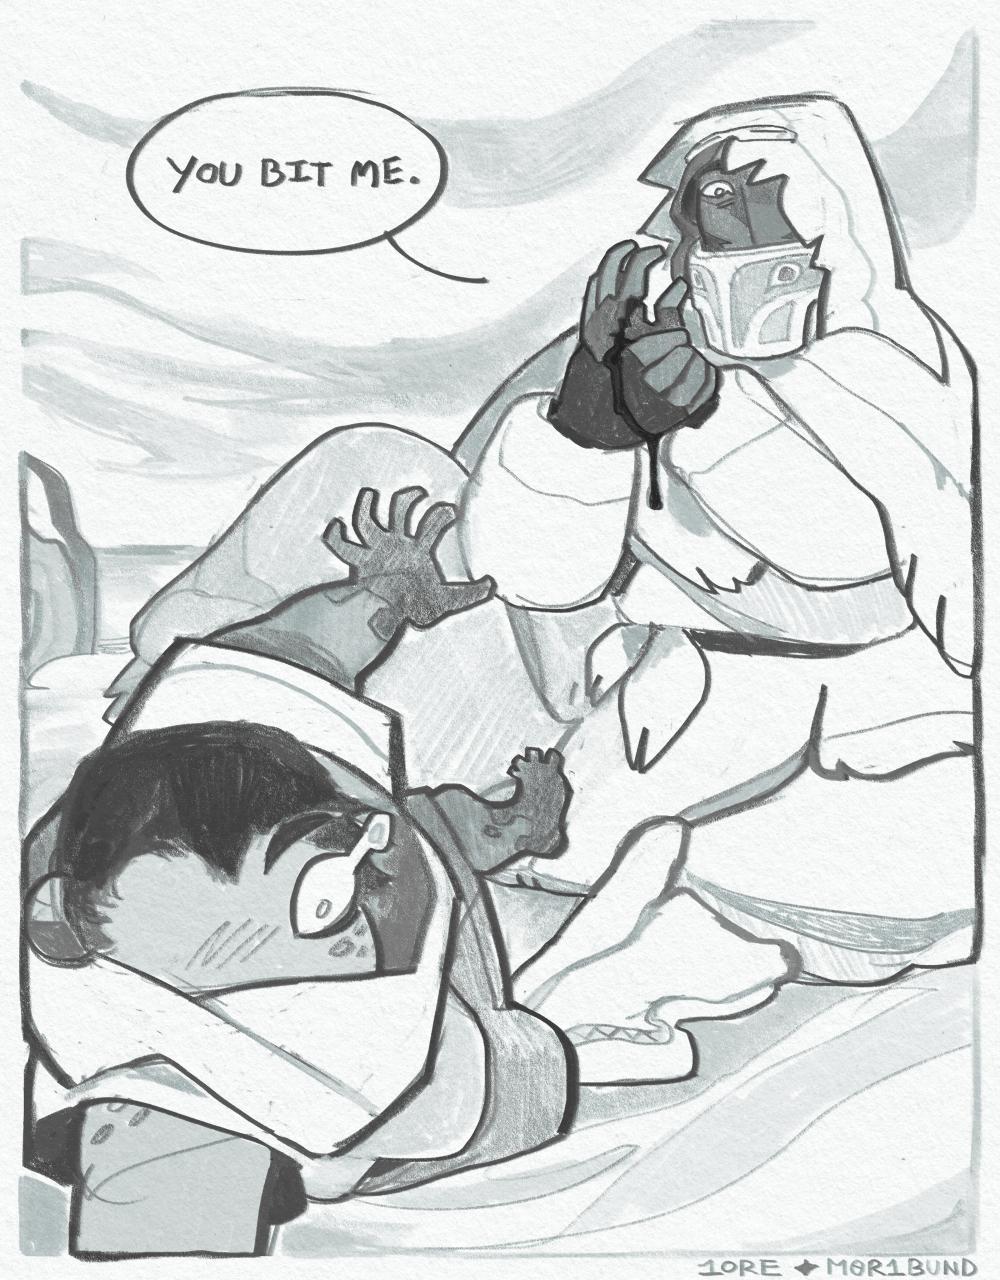 Bite pg. 9